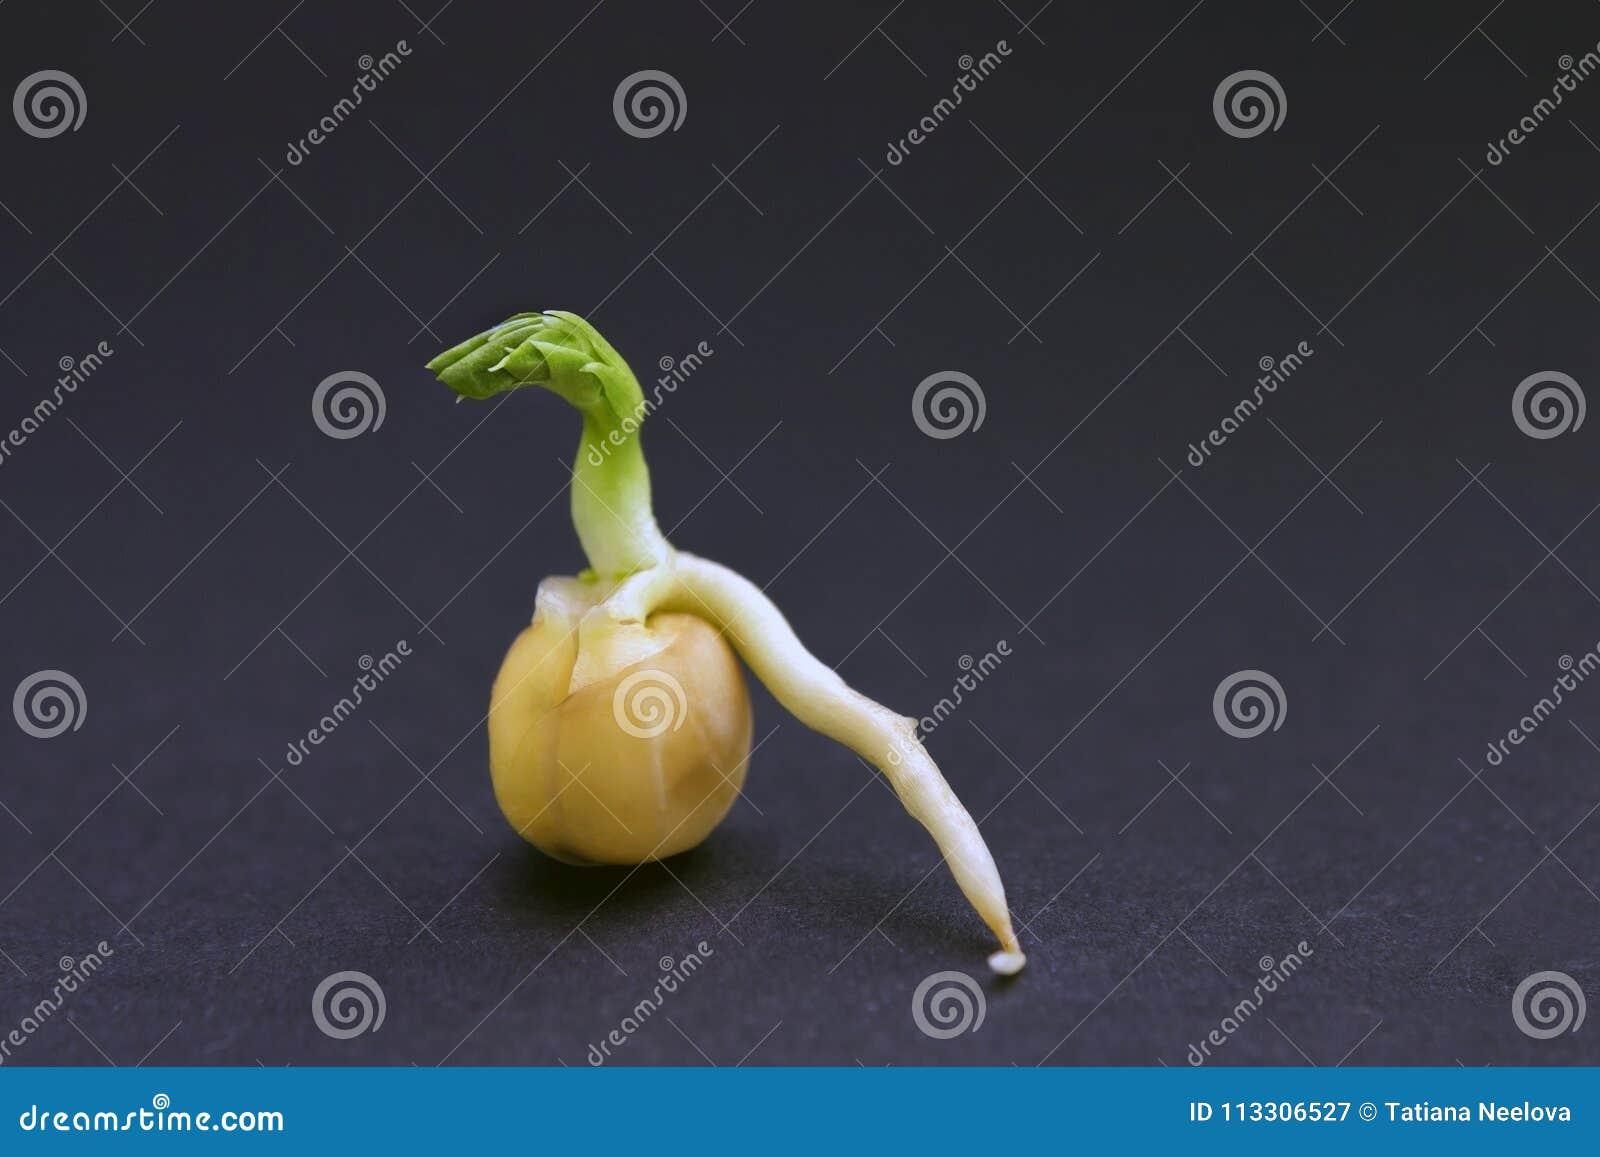 Прорастание семени гороха Росток зеленого гороха готовый для саженца желтый цвет весны лужка одуванчиков предпосылки полный